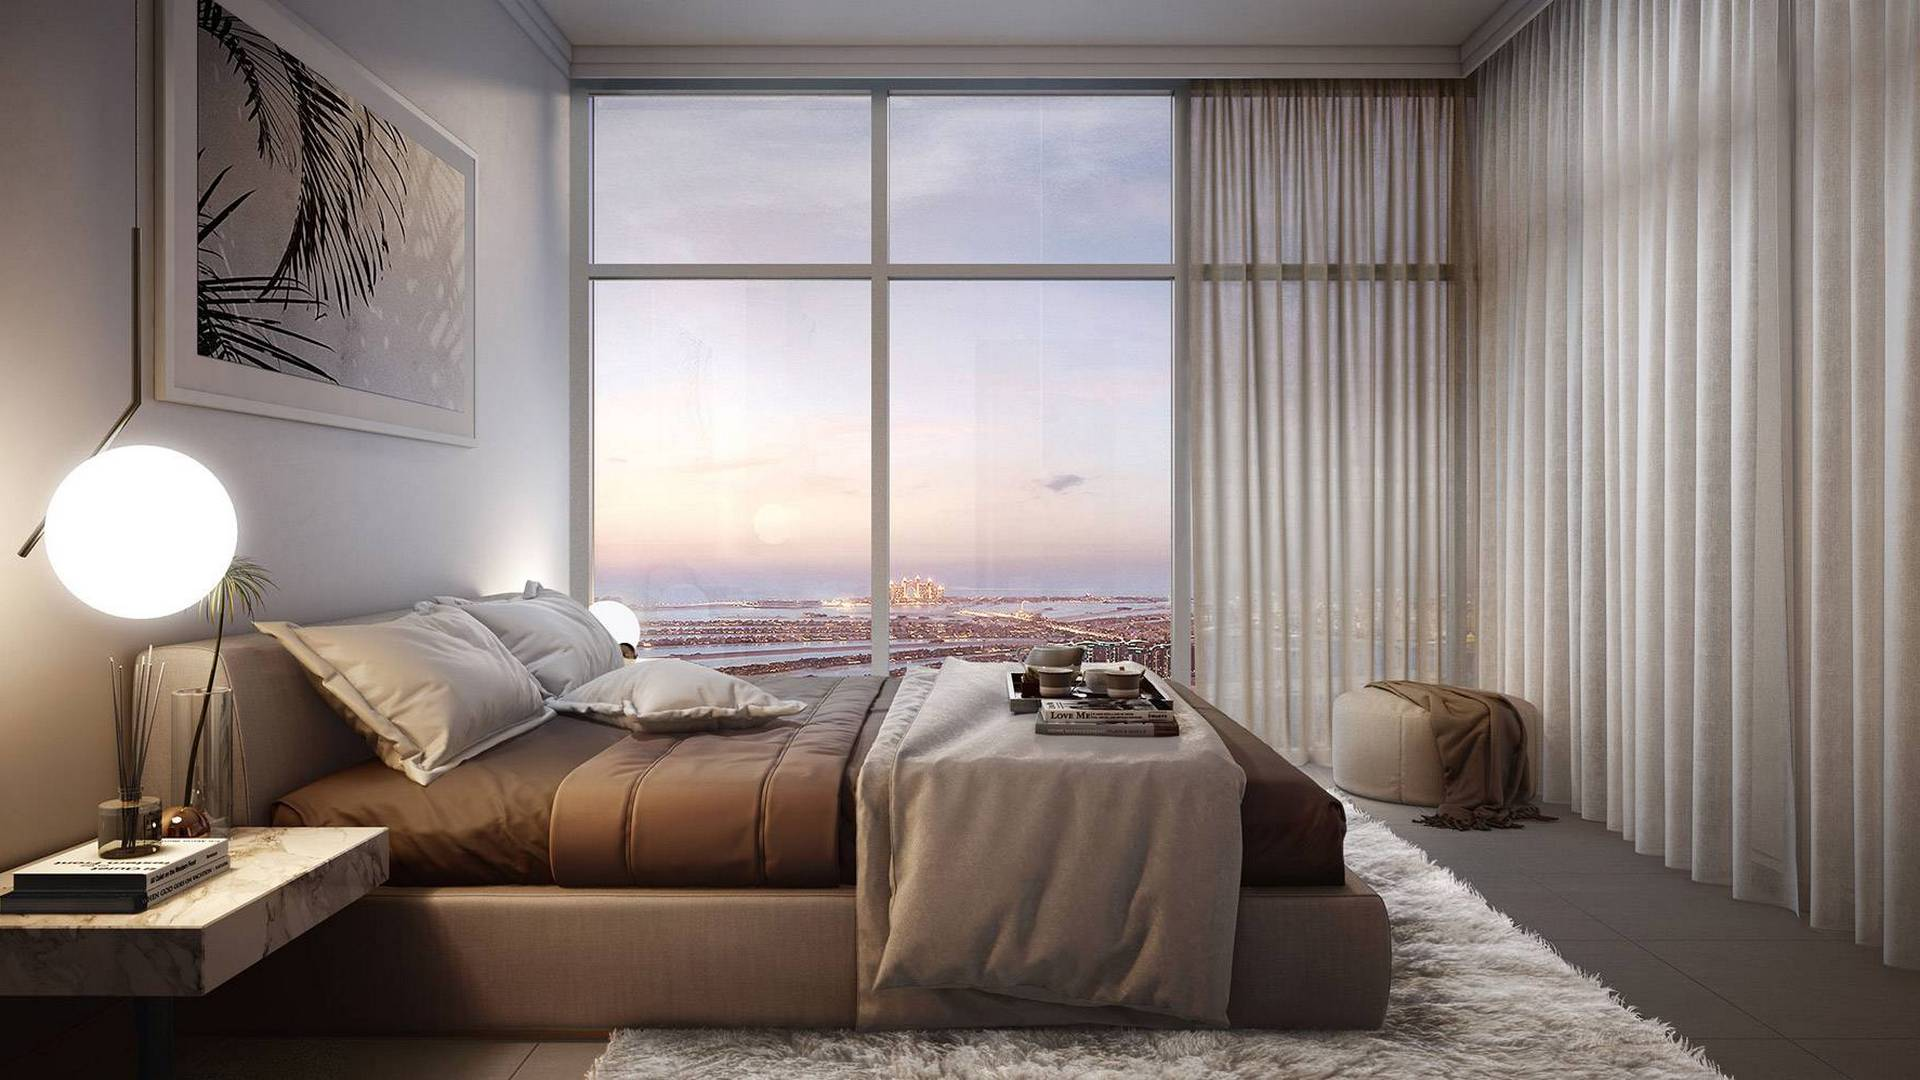 Apartment for sale in Dubai, UAE, 1 bedroom, 67 m2, No. 23874 – photo 3